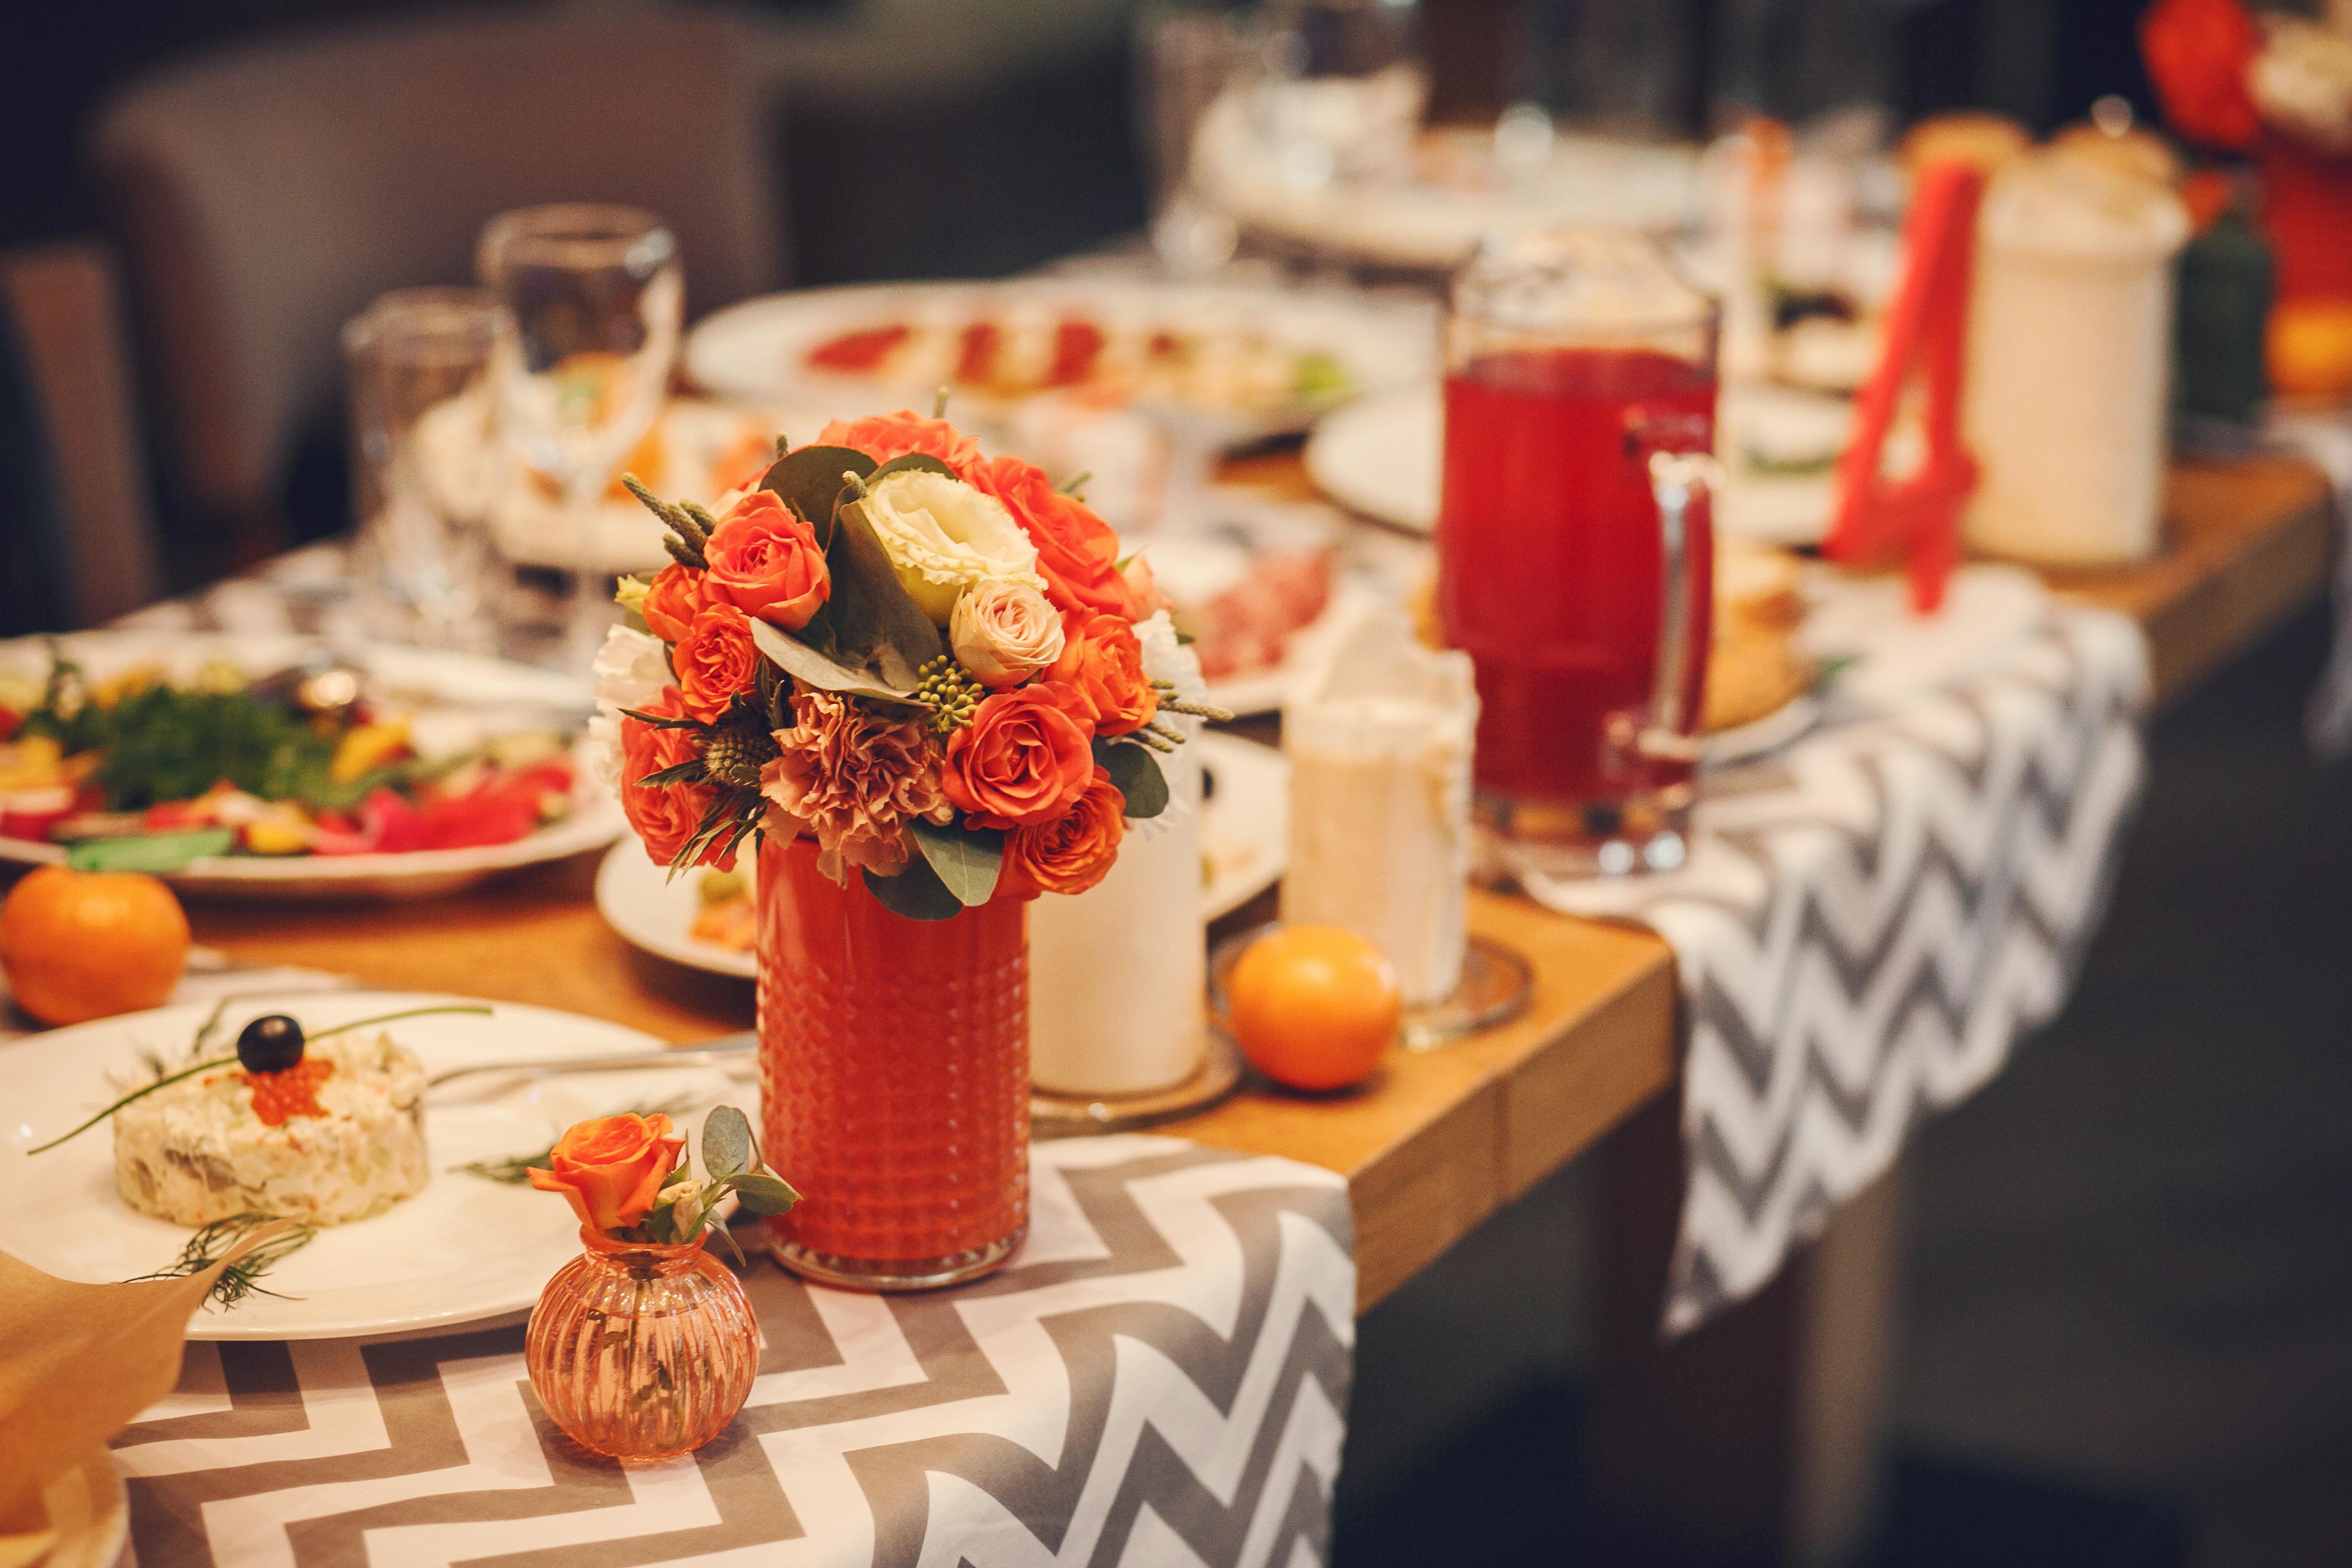 Фото 8 свадьба в Москве в оранжевом цвете | ведущая свадьбы - Катрин Моро